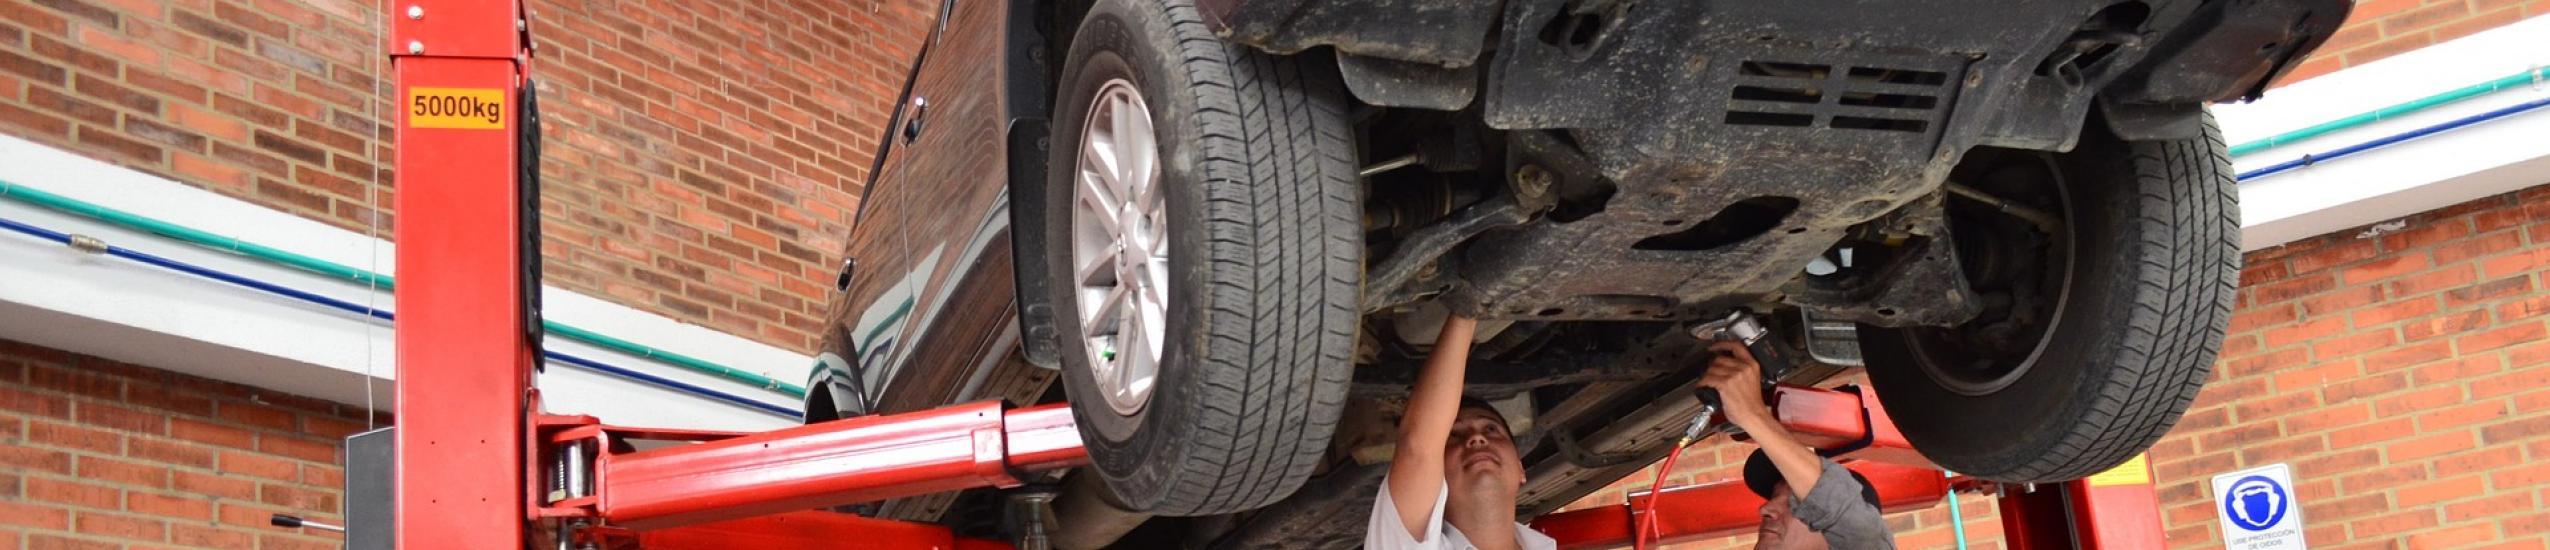 IeFP - Operatore alla riparazione dei veicoli a motore